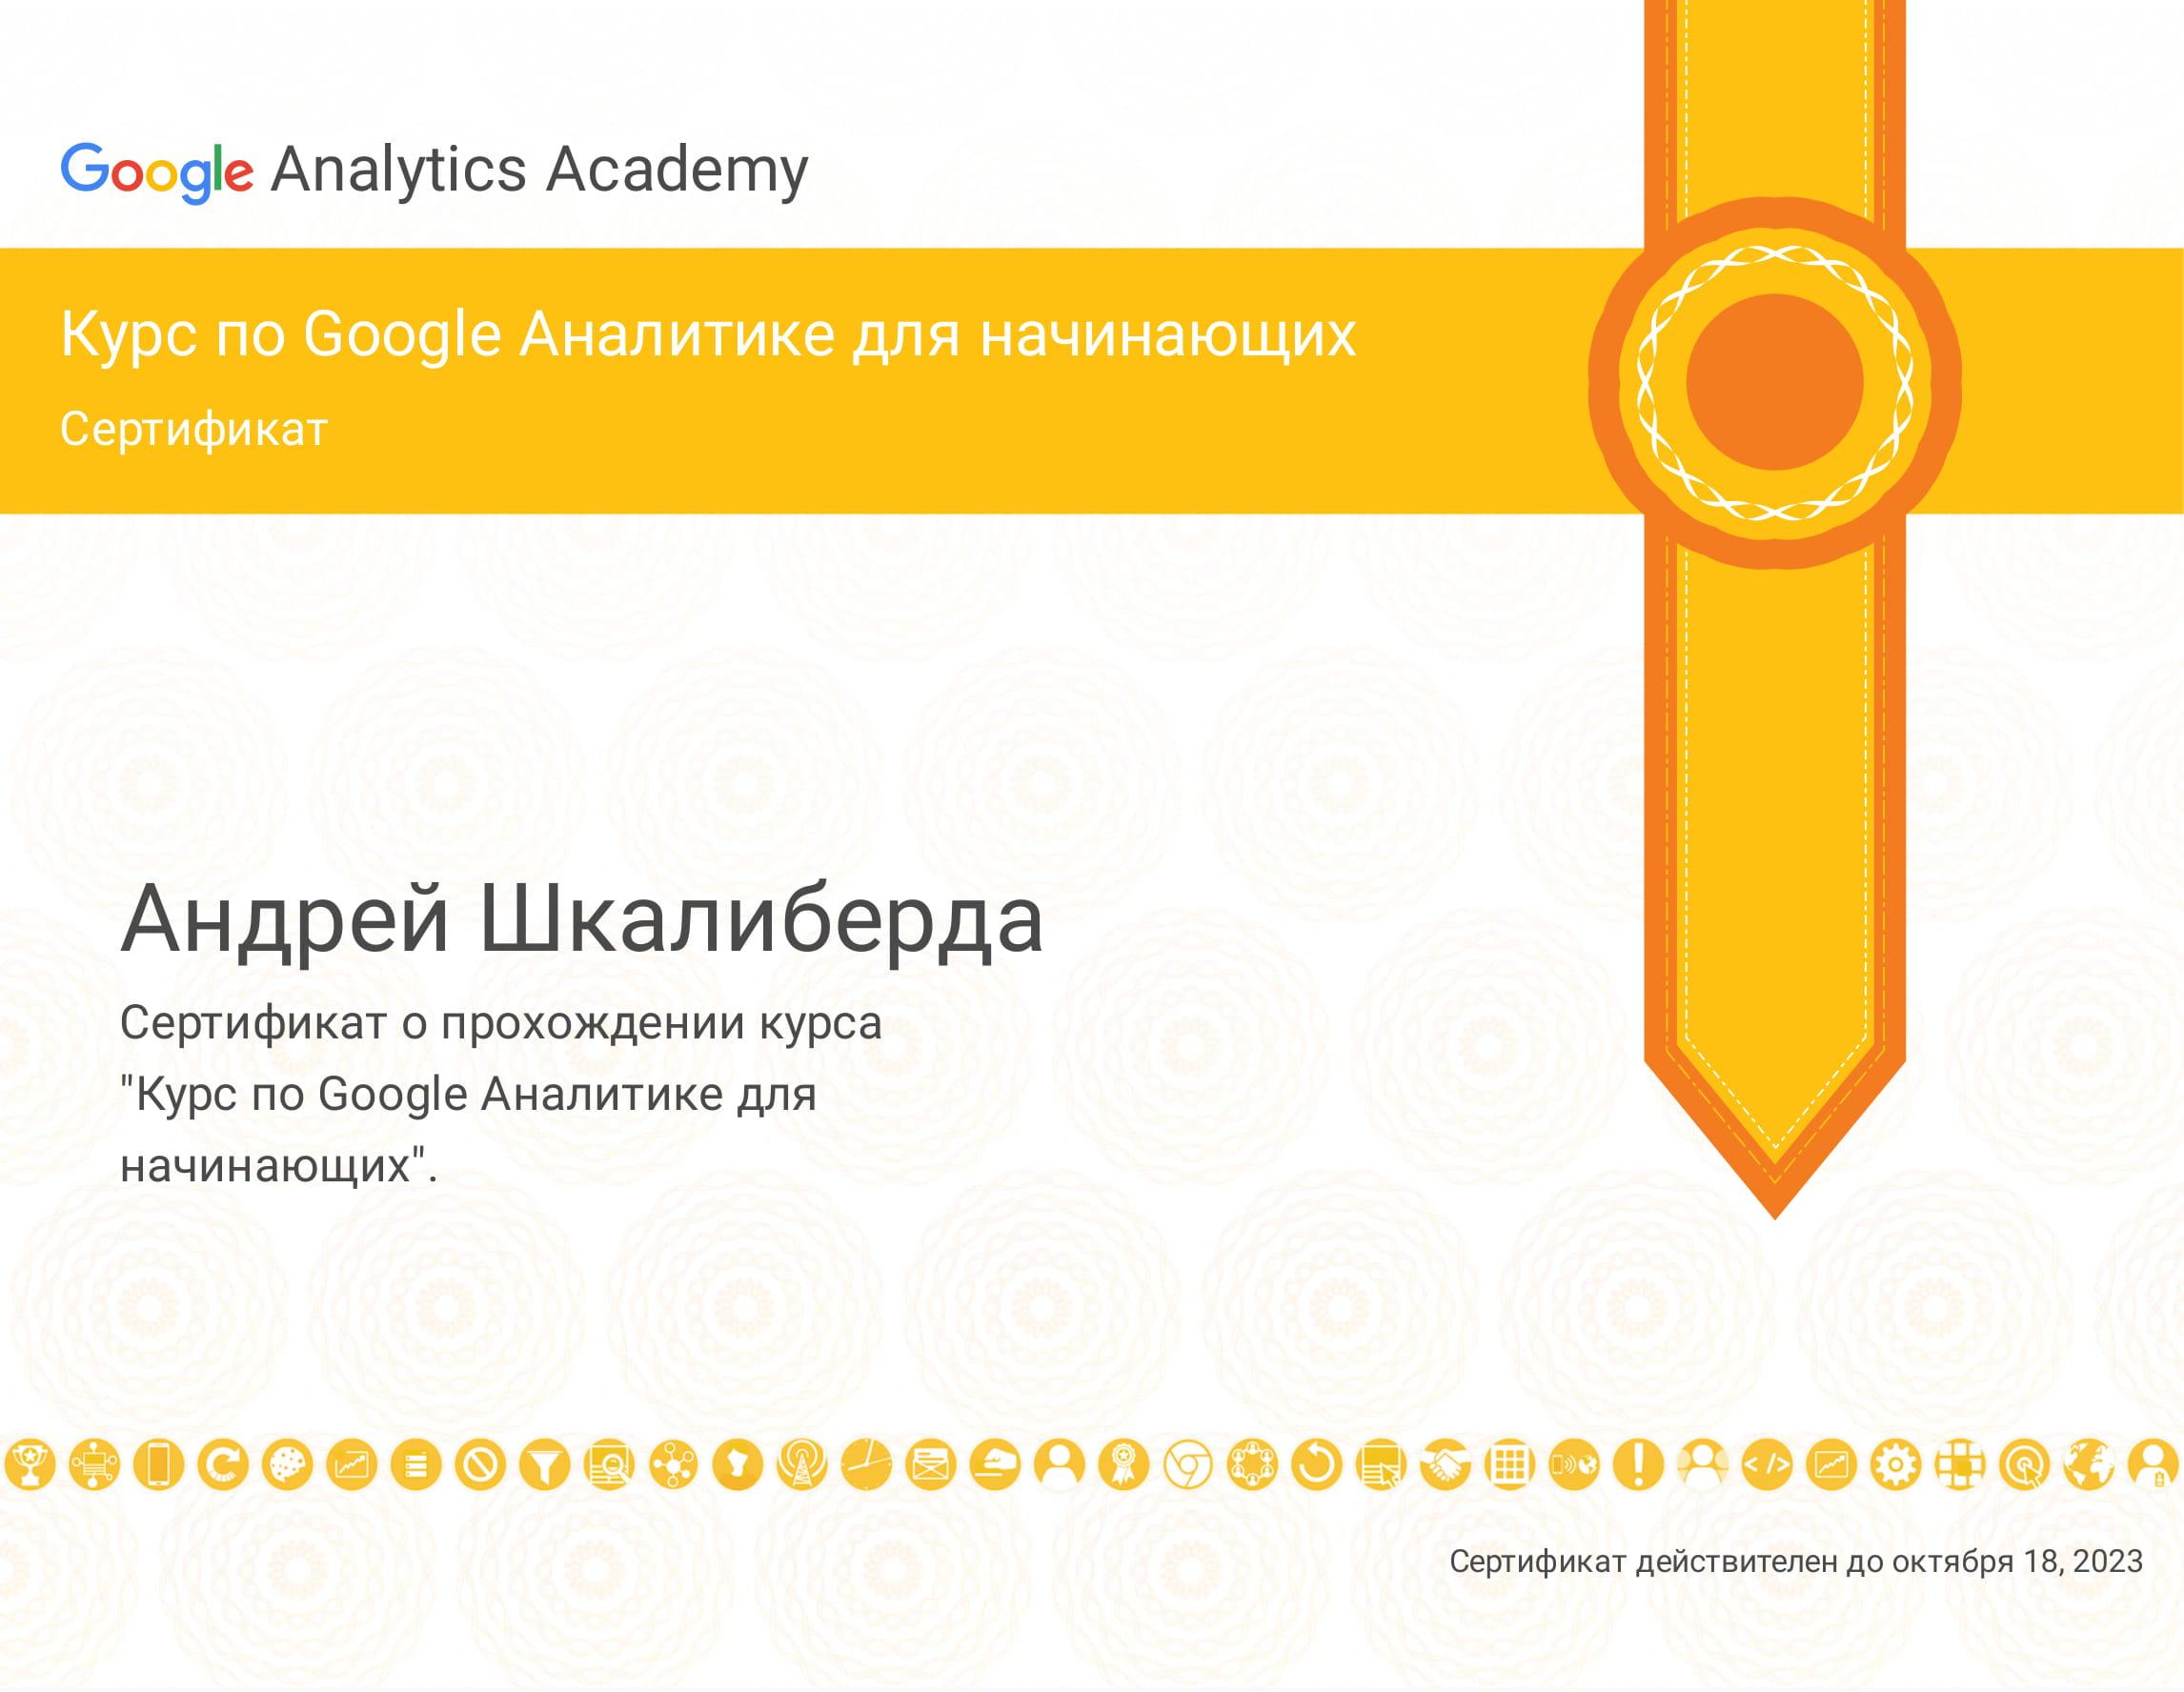 Андрей Шкалиберда - сертификат